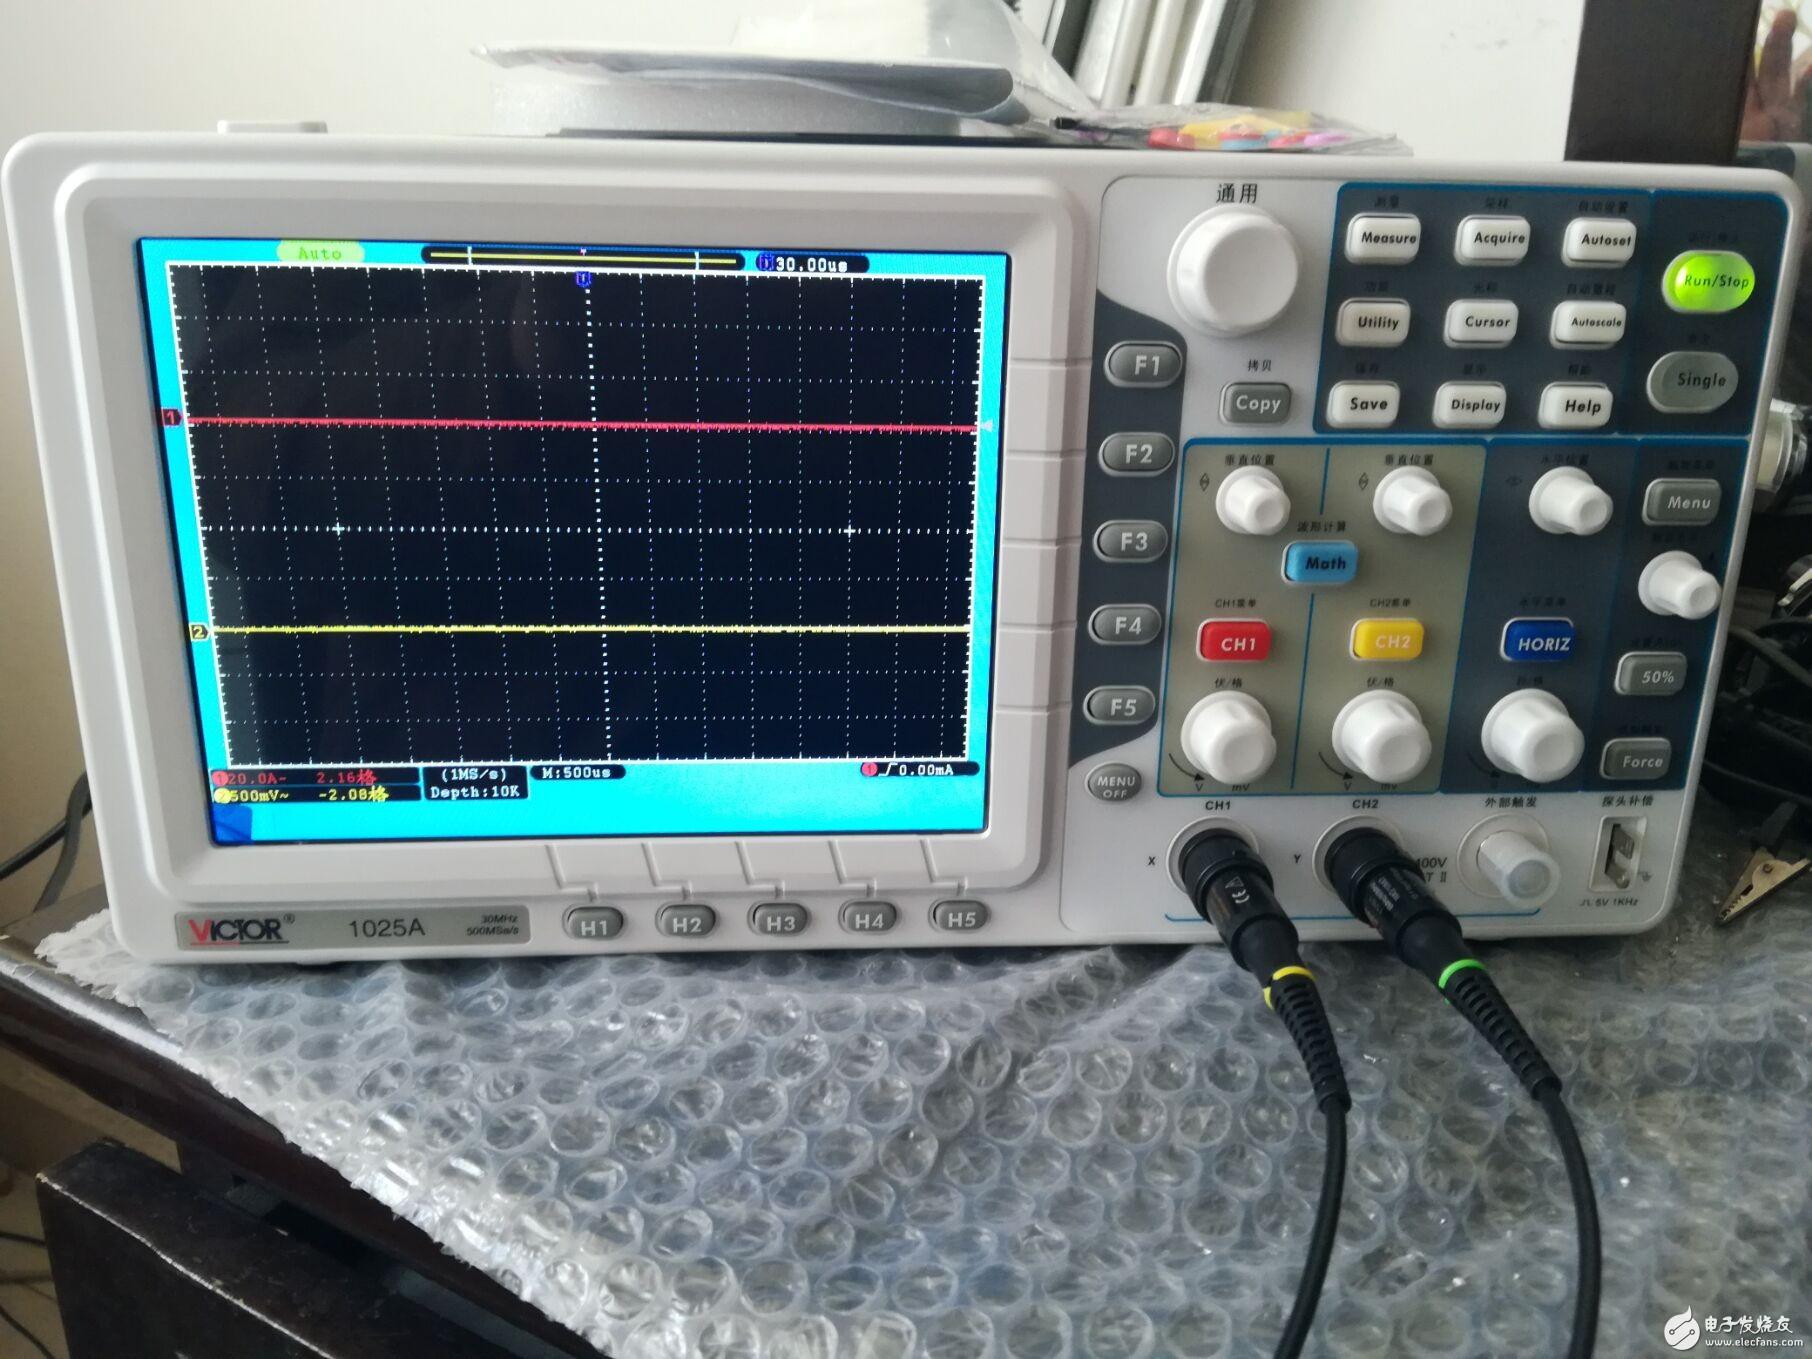 勝利儀器 數字存儲示波器VC1025A使用初體驗